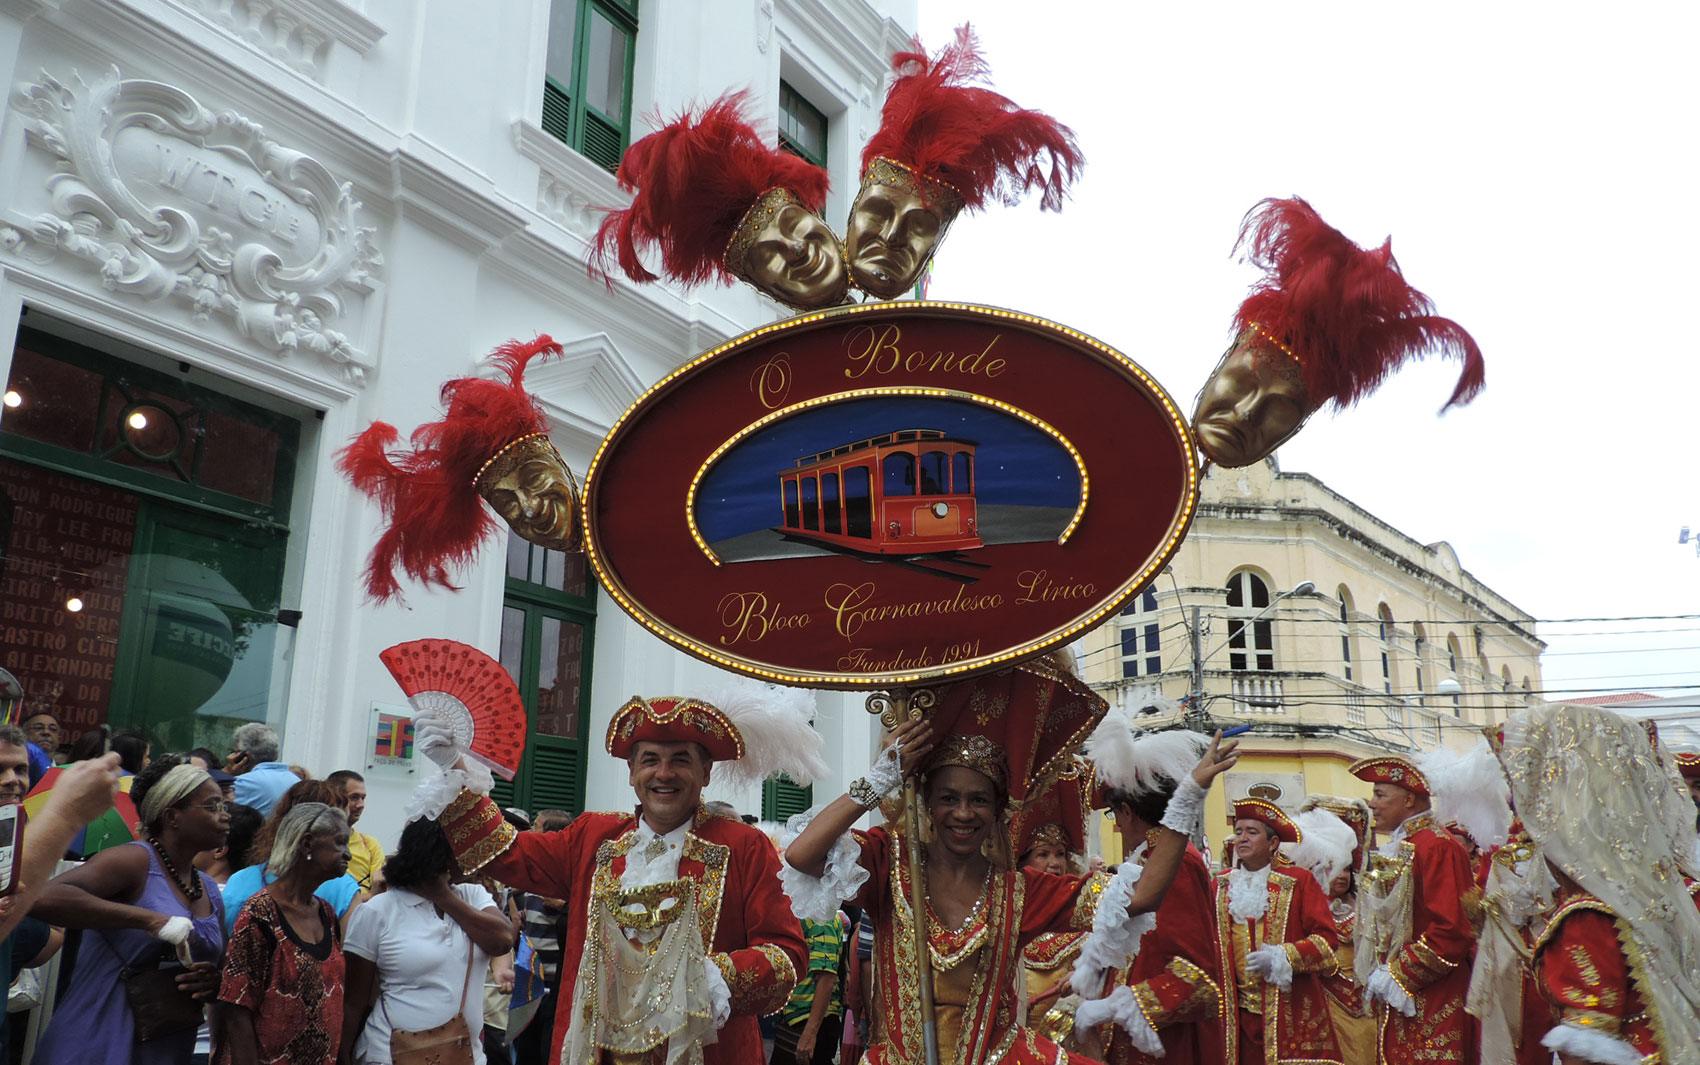 Ao lado de fora do Paço do Frevo, o bloco O Bonde animou o povo na Praça do Arsenal, no Recife